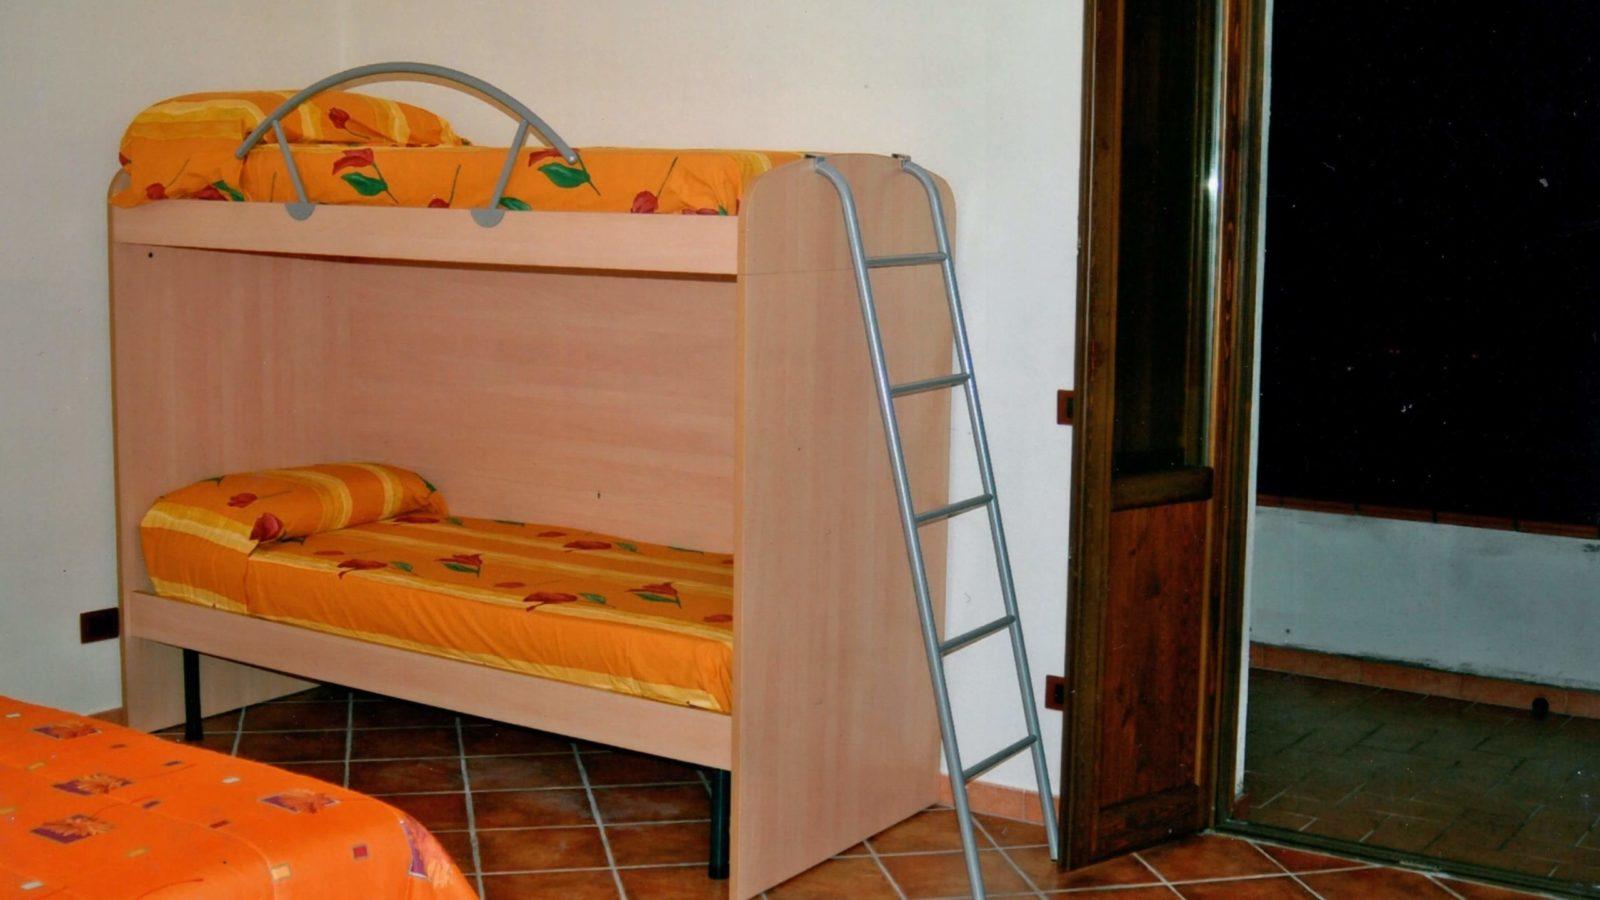 stanza albergo in amantea cosenza